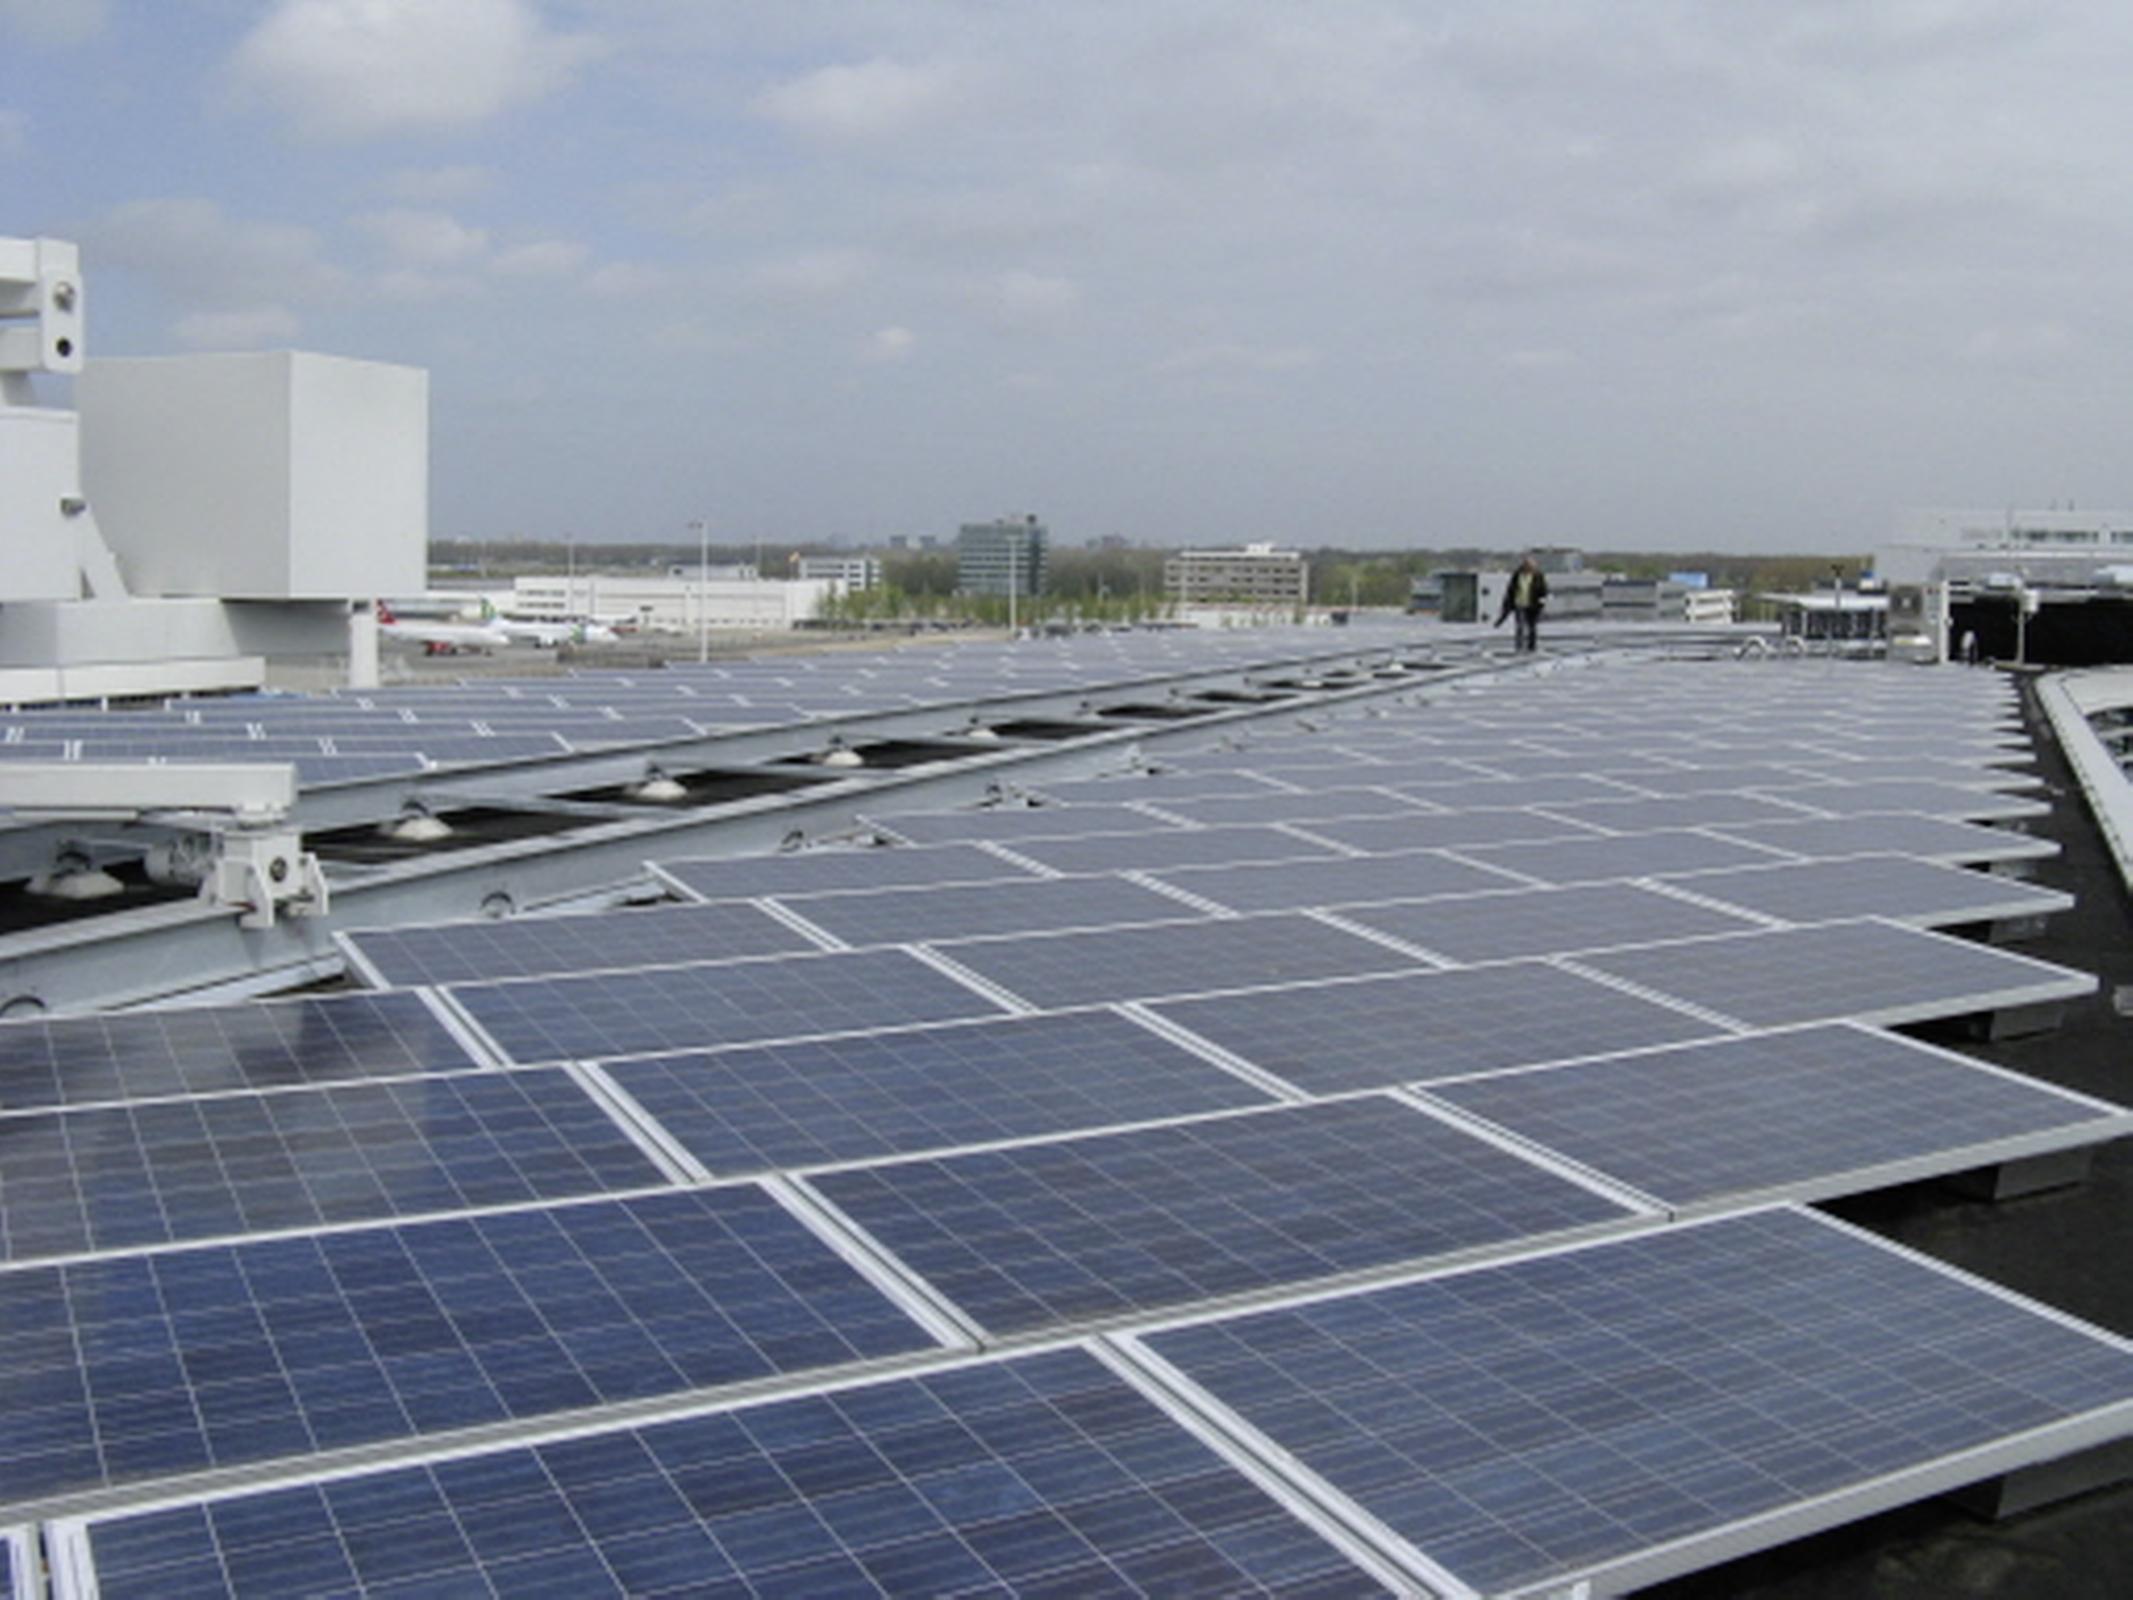 Castricum wil een beetje zonnepanelen in de eigen gemeente, maar zet zijn kaarten op kernenergie ver weg. 'Ik ben ervan overtuigd dat er elders van alles en nog wat uitgevonden gaat worden'